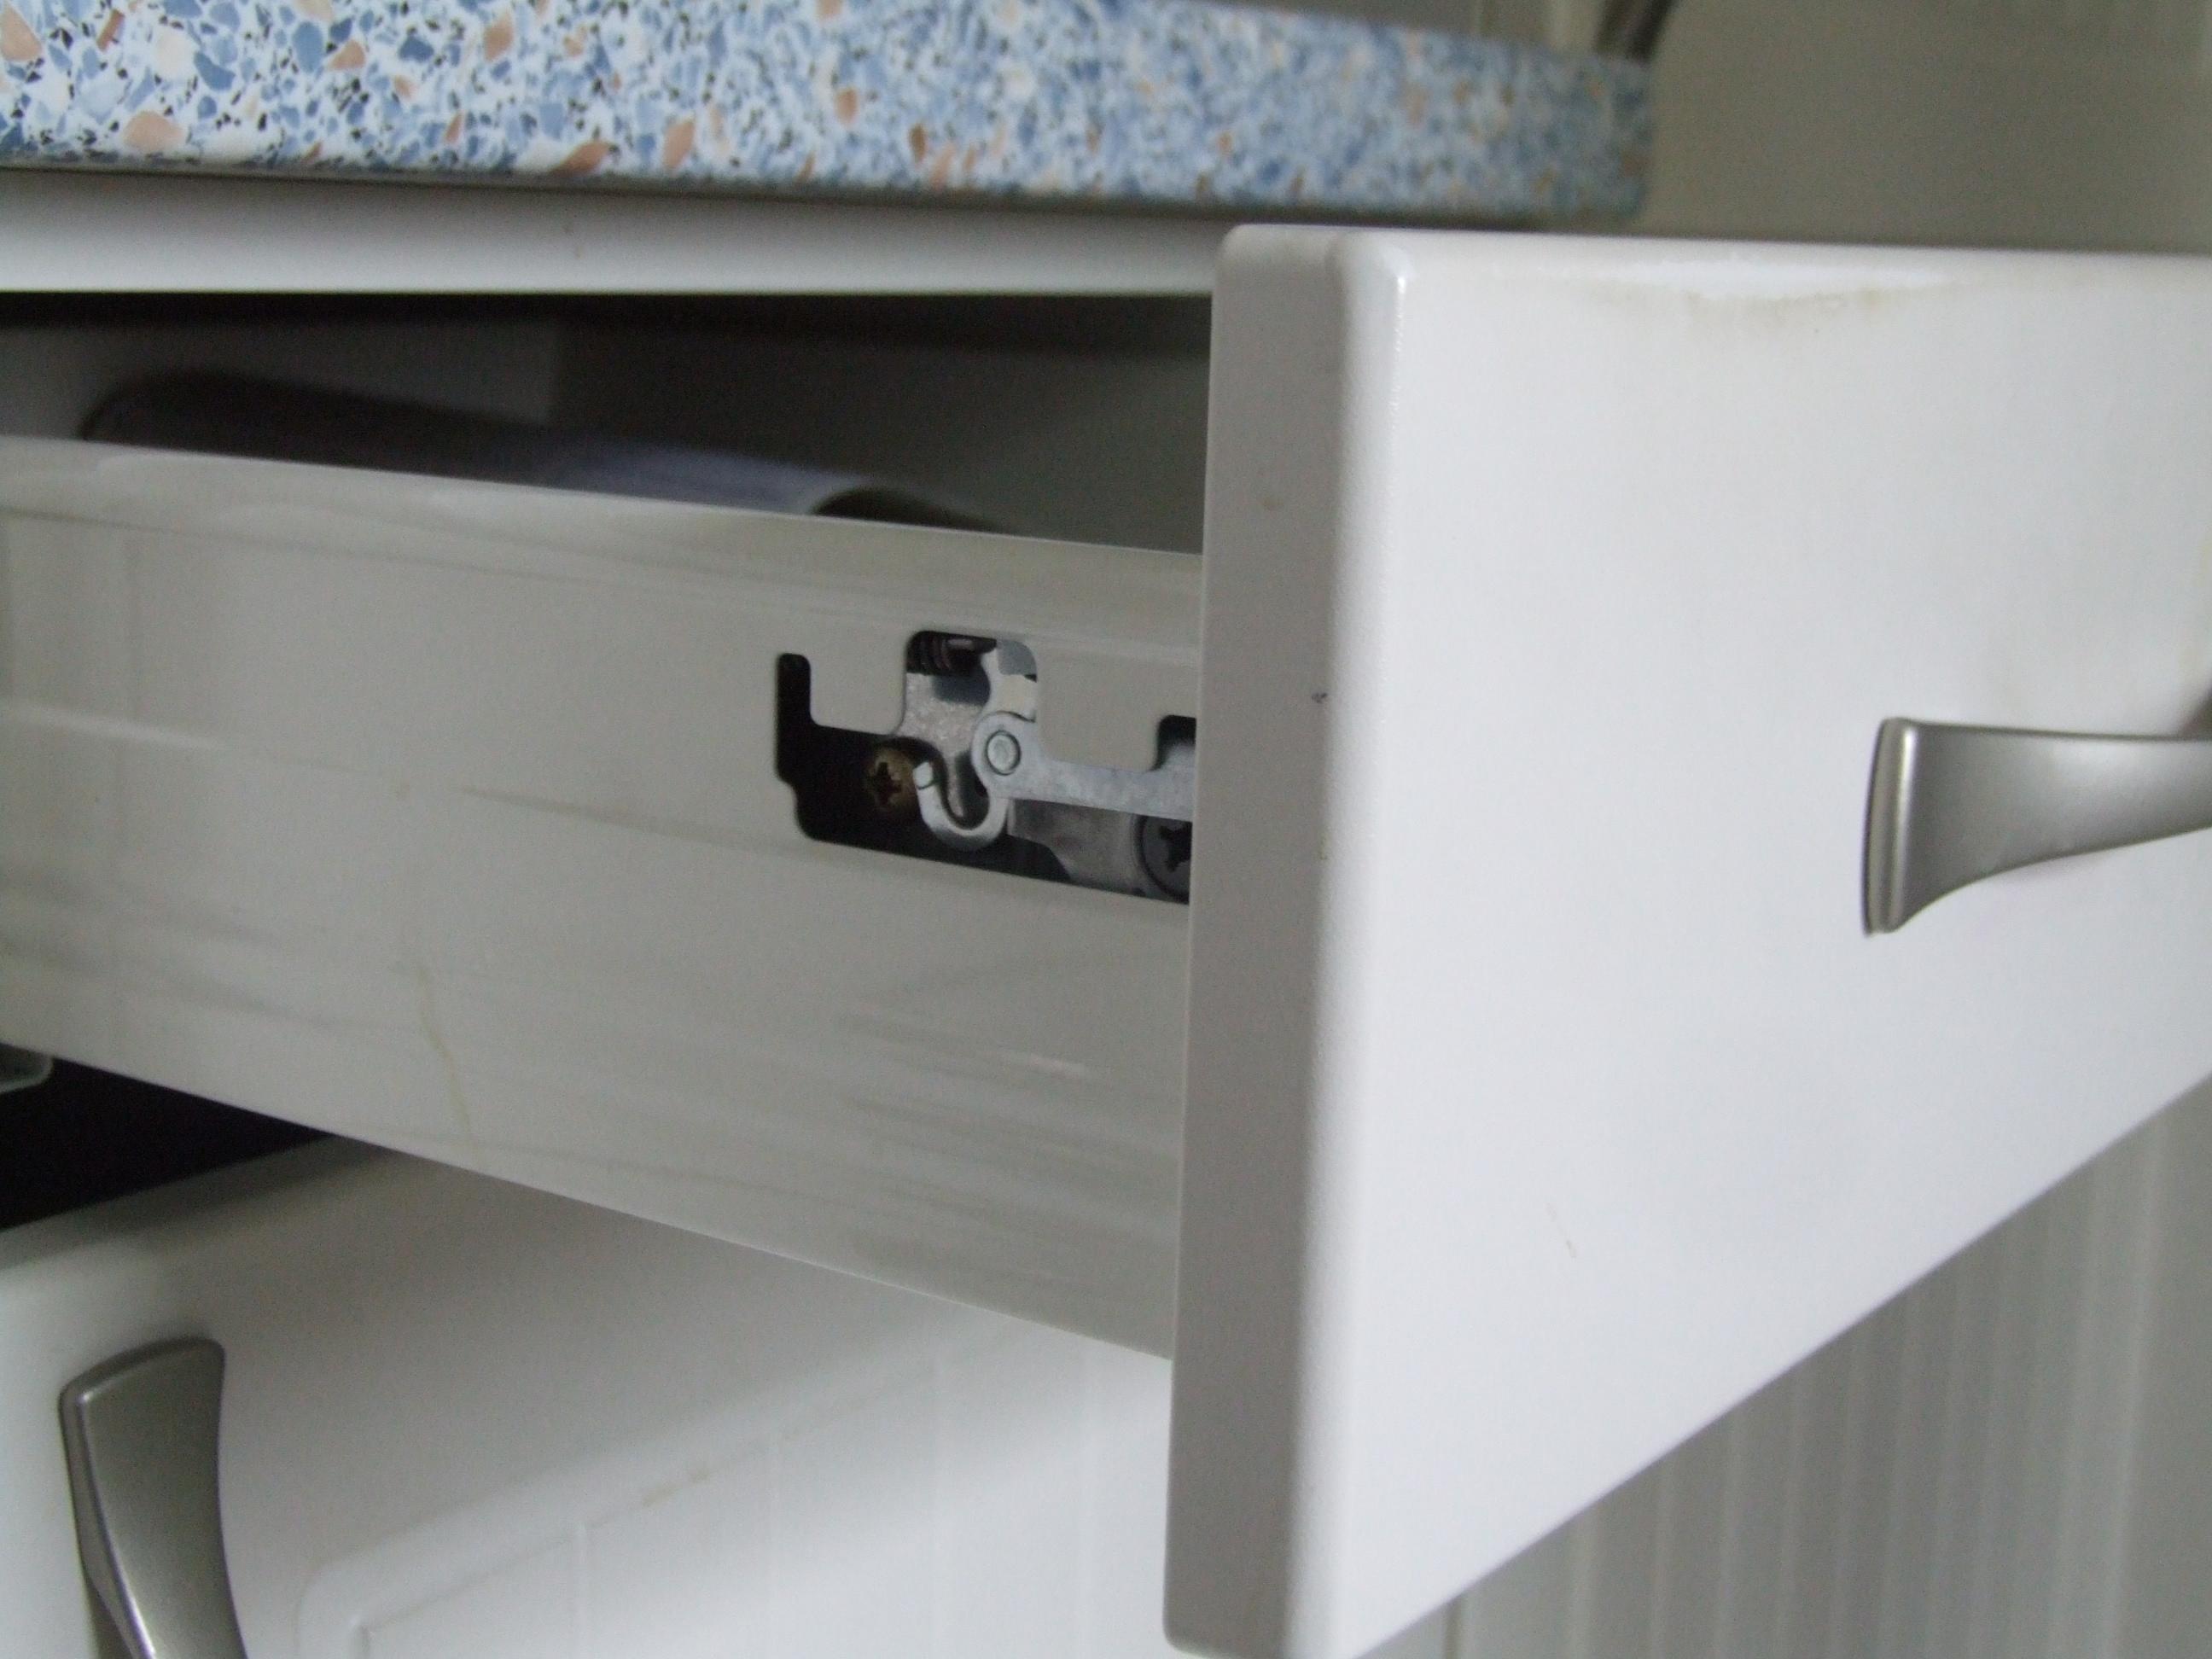 kche scharniere einstellen kchen eckschrank ikea ikea hittarp raum der glcklich macht with kche. Black Bedroom Furniture Sets. Home Design Ideas